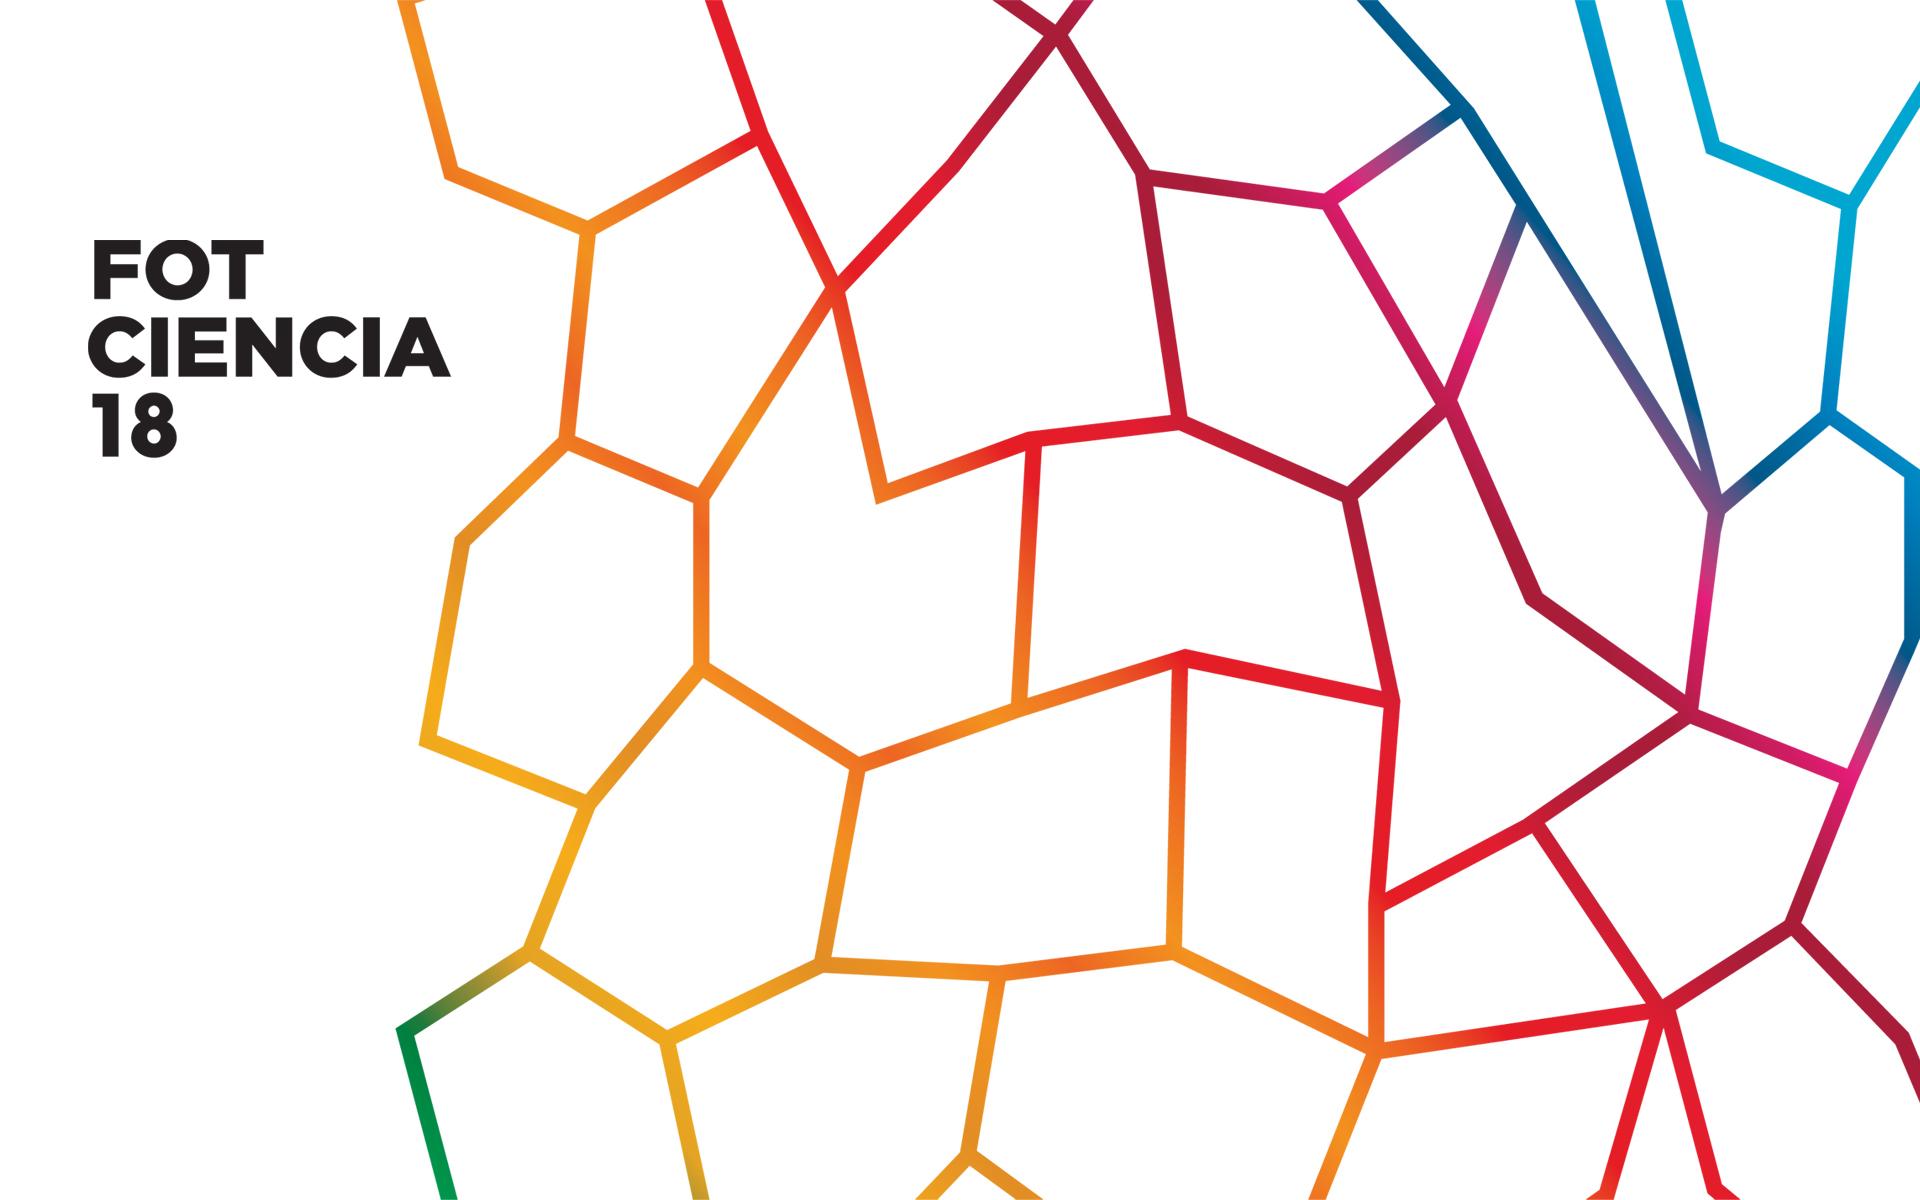 Imagen de FotCiencia18, del CSIC y Feyct